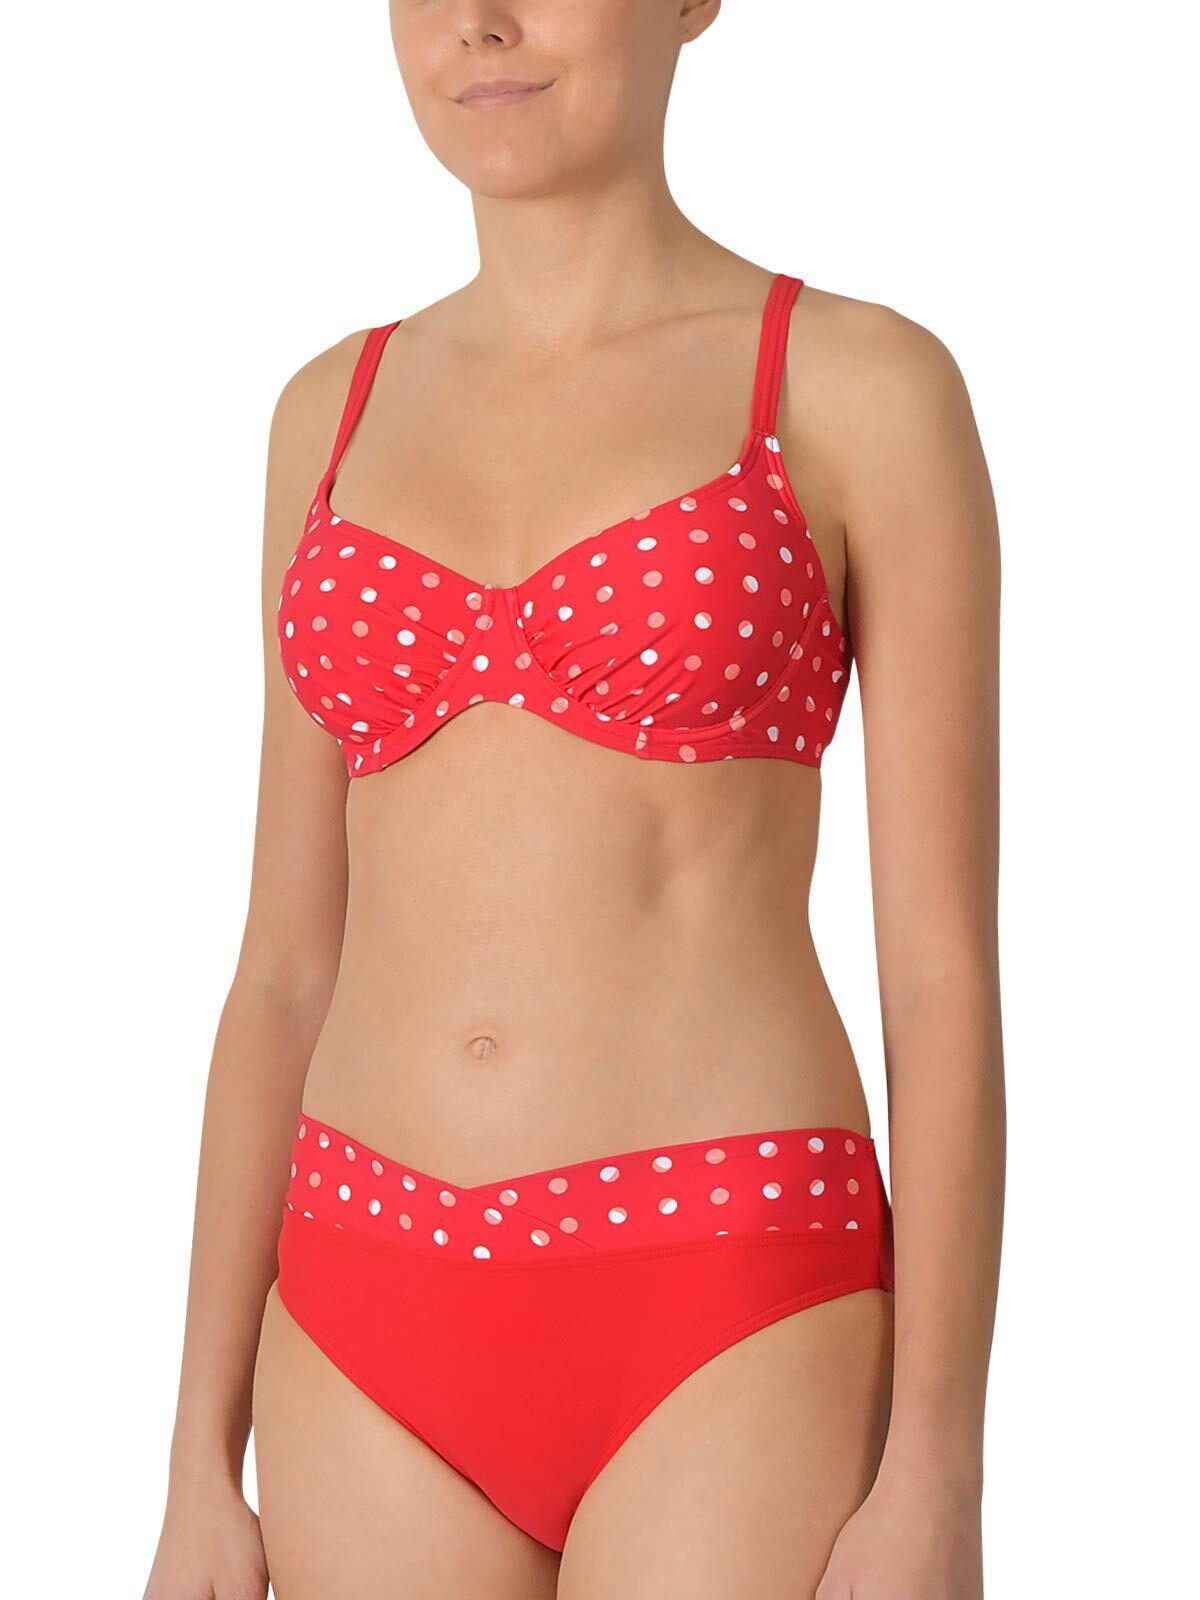 NATURANA Bügel Bikini 72499 Gr. 36-48 B-G in red oder black